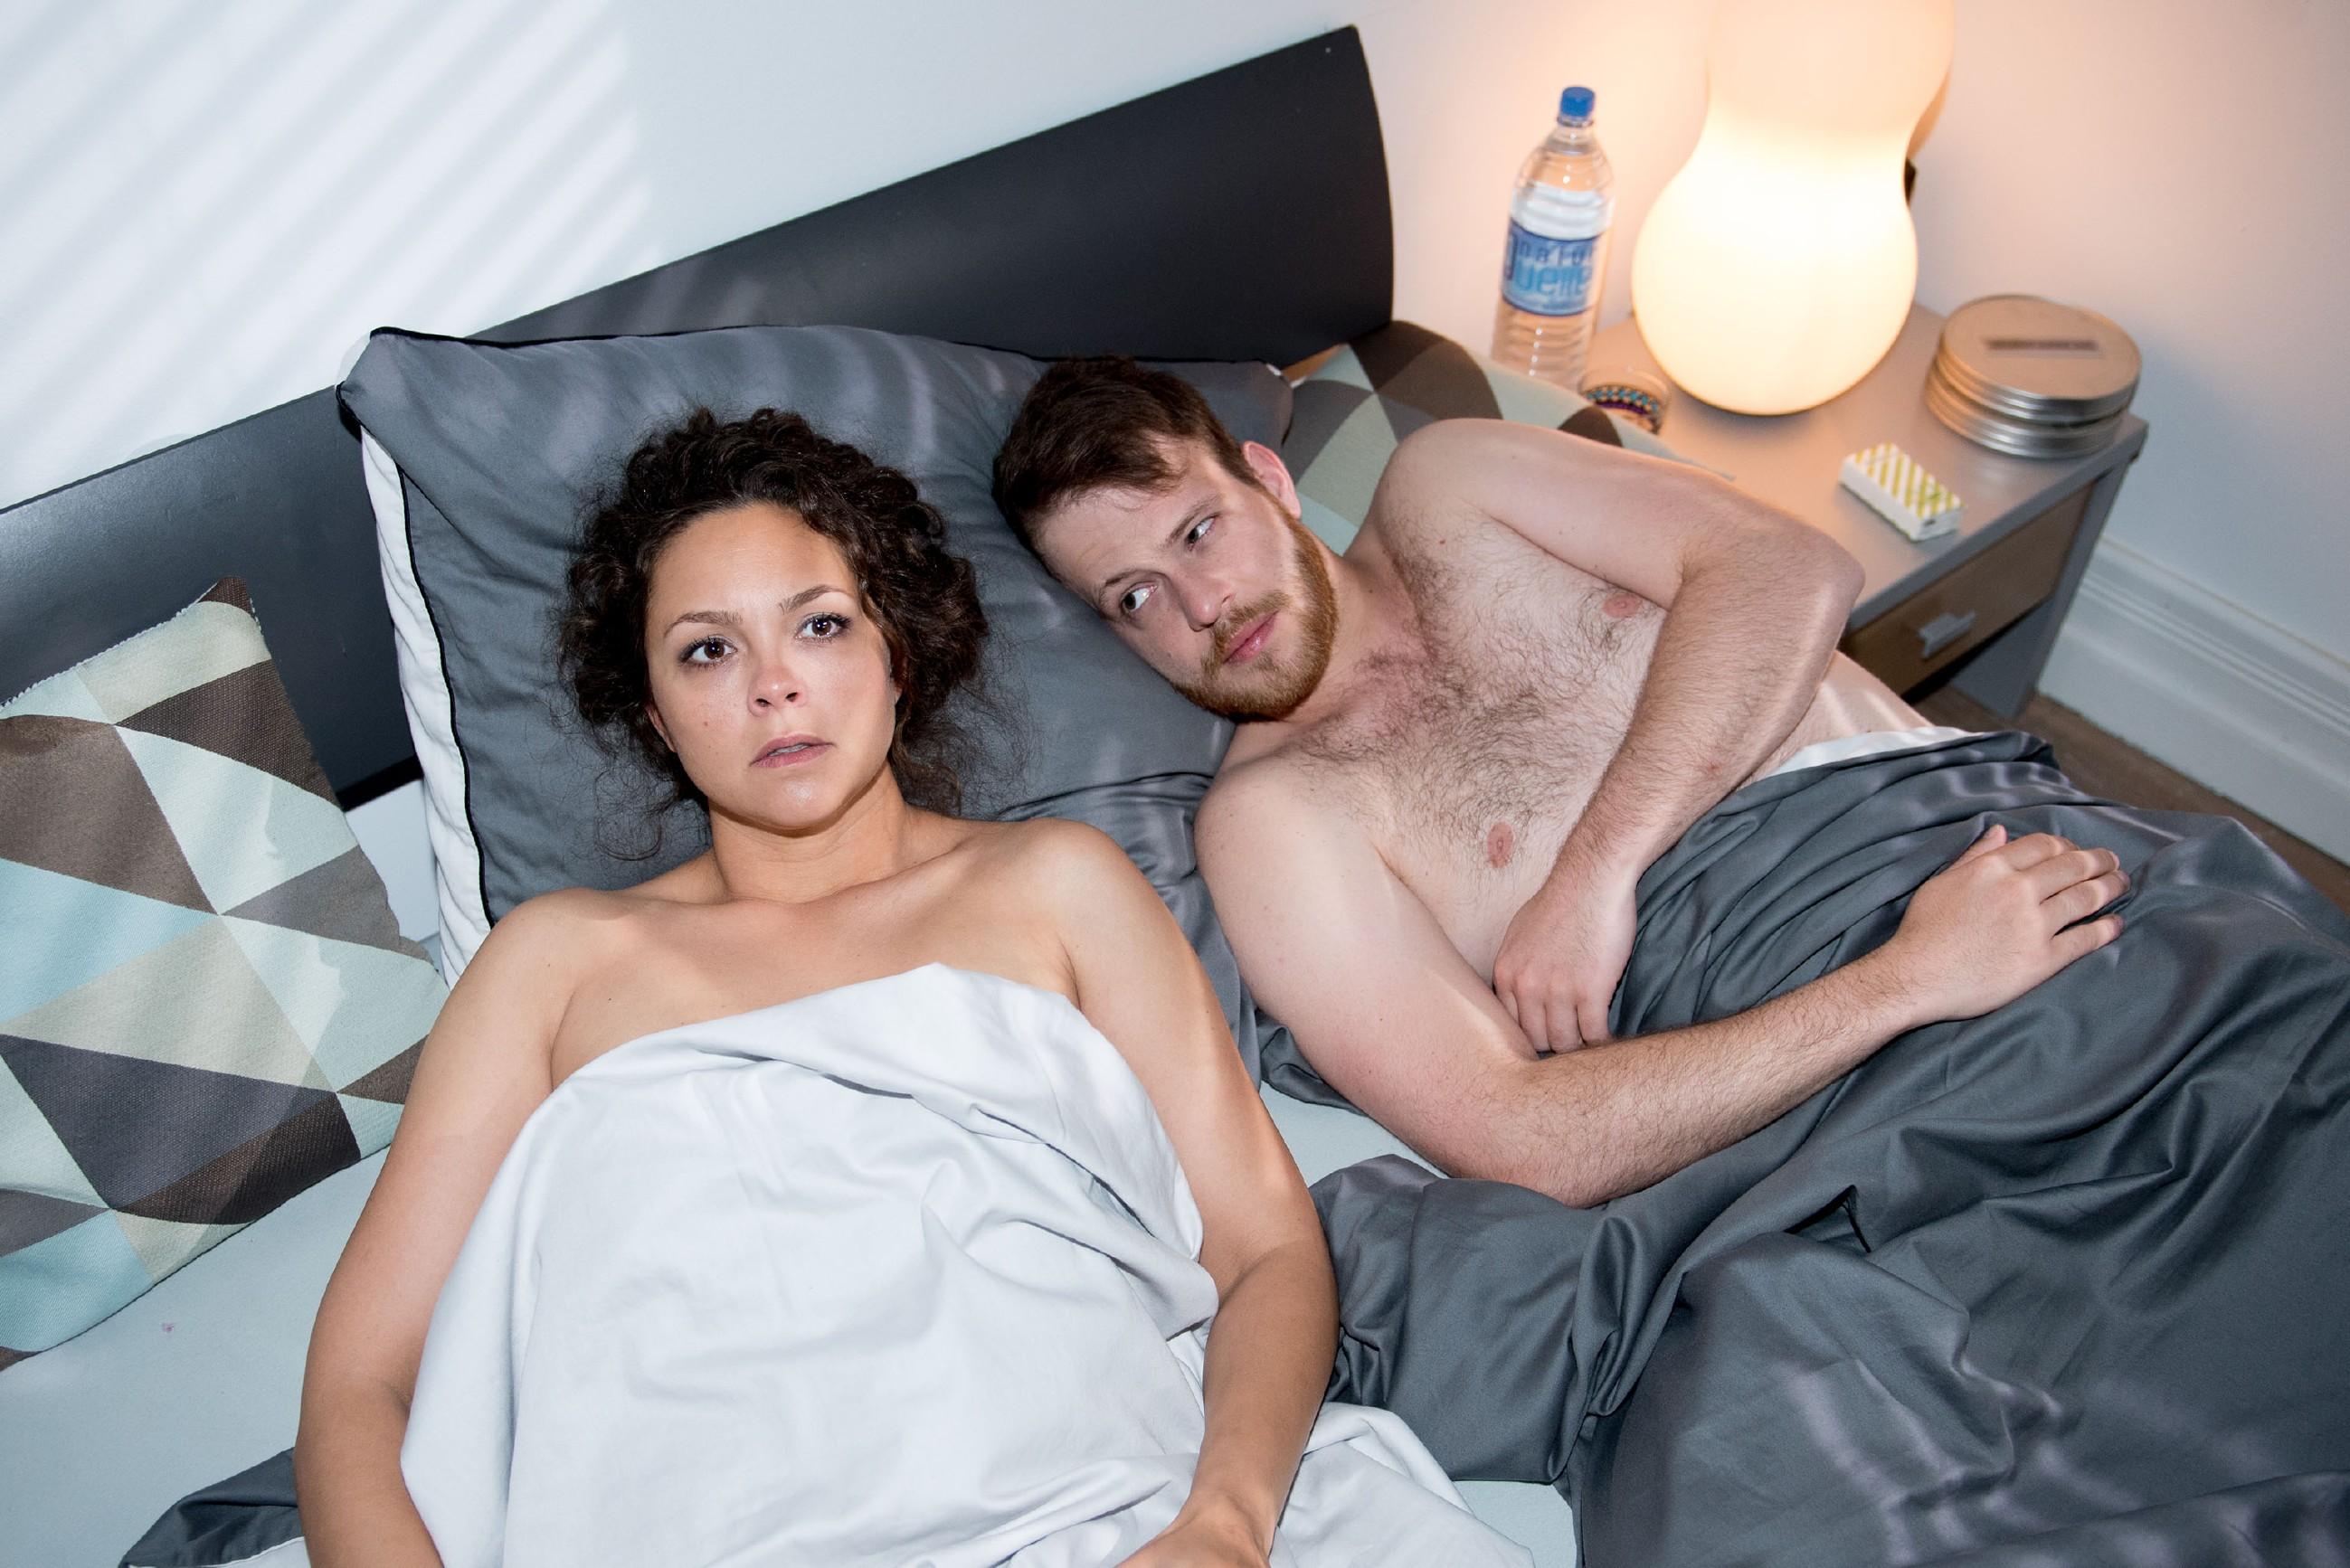 Nachdem Caro (Ines Kurenbach) die private Afterparty genossen hat, wacht sie zu ihrem Schrecken nicht im eigenen Bett, sondern neben Tobias (Patrick Müller) auf... (Quelle: RTL / Stefan Behrens)